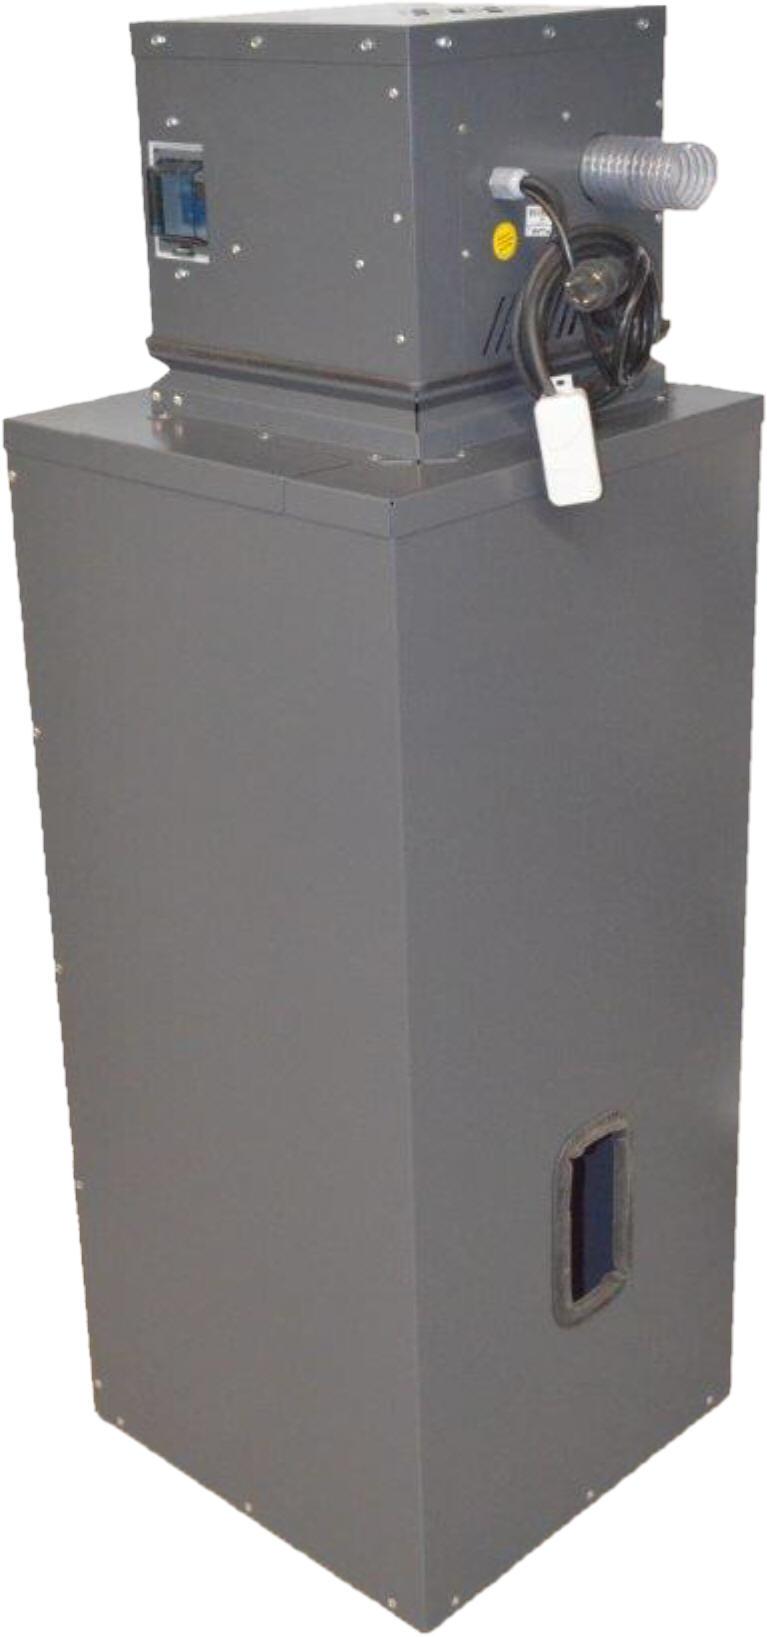 VACU-SLIM avec réservoir intermédiaire Silotec Système d'aspiration Zyklon pour granulés de bois Killus-Technik.de